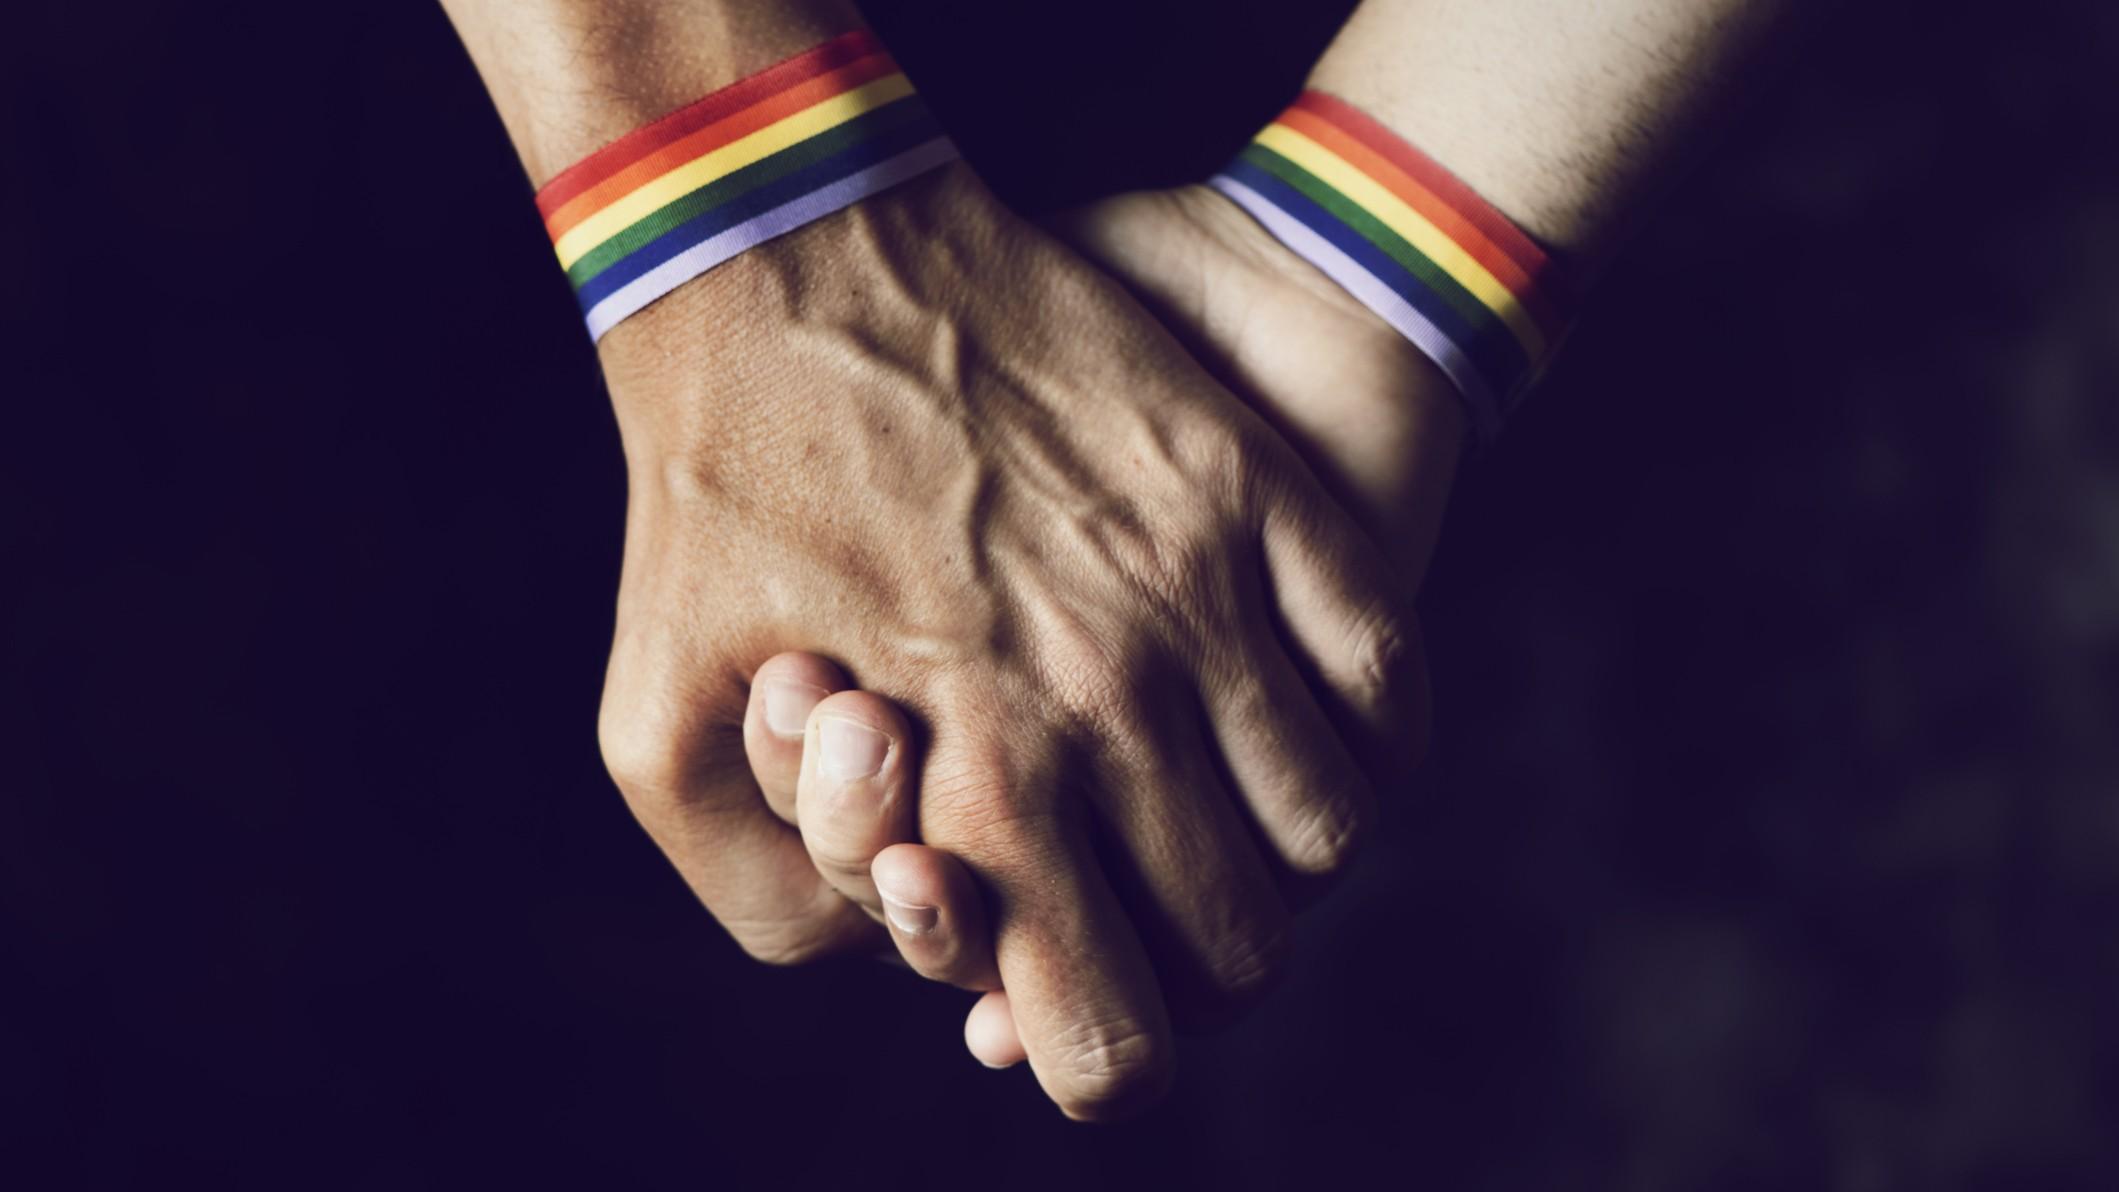 Hannover: So dreist geht ein Vermieter gegen schwules Pärchen vor